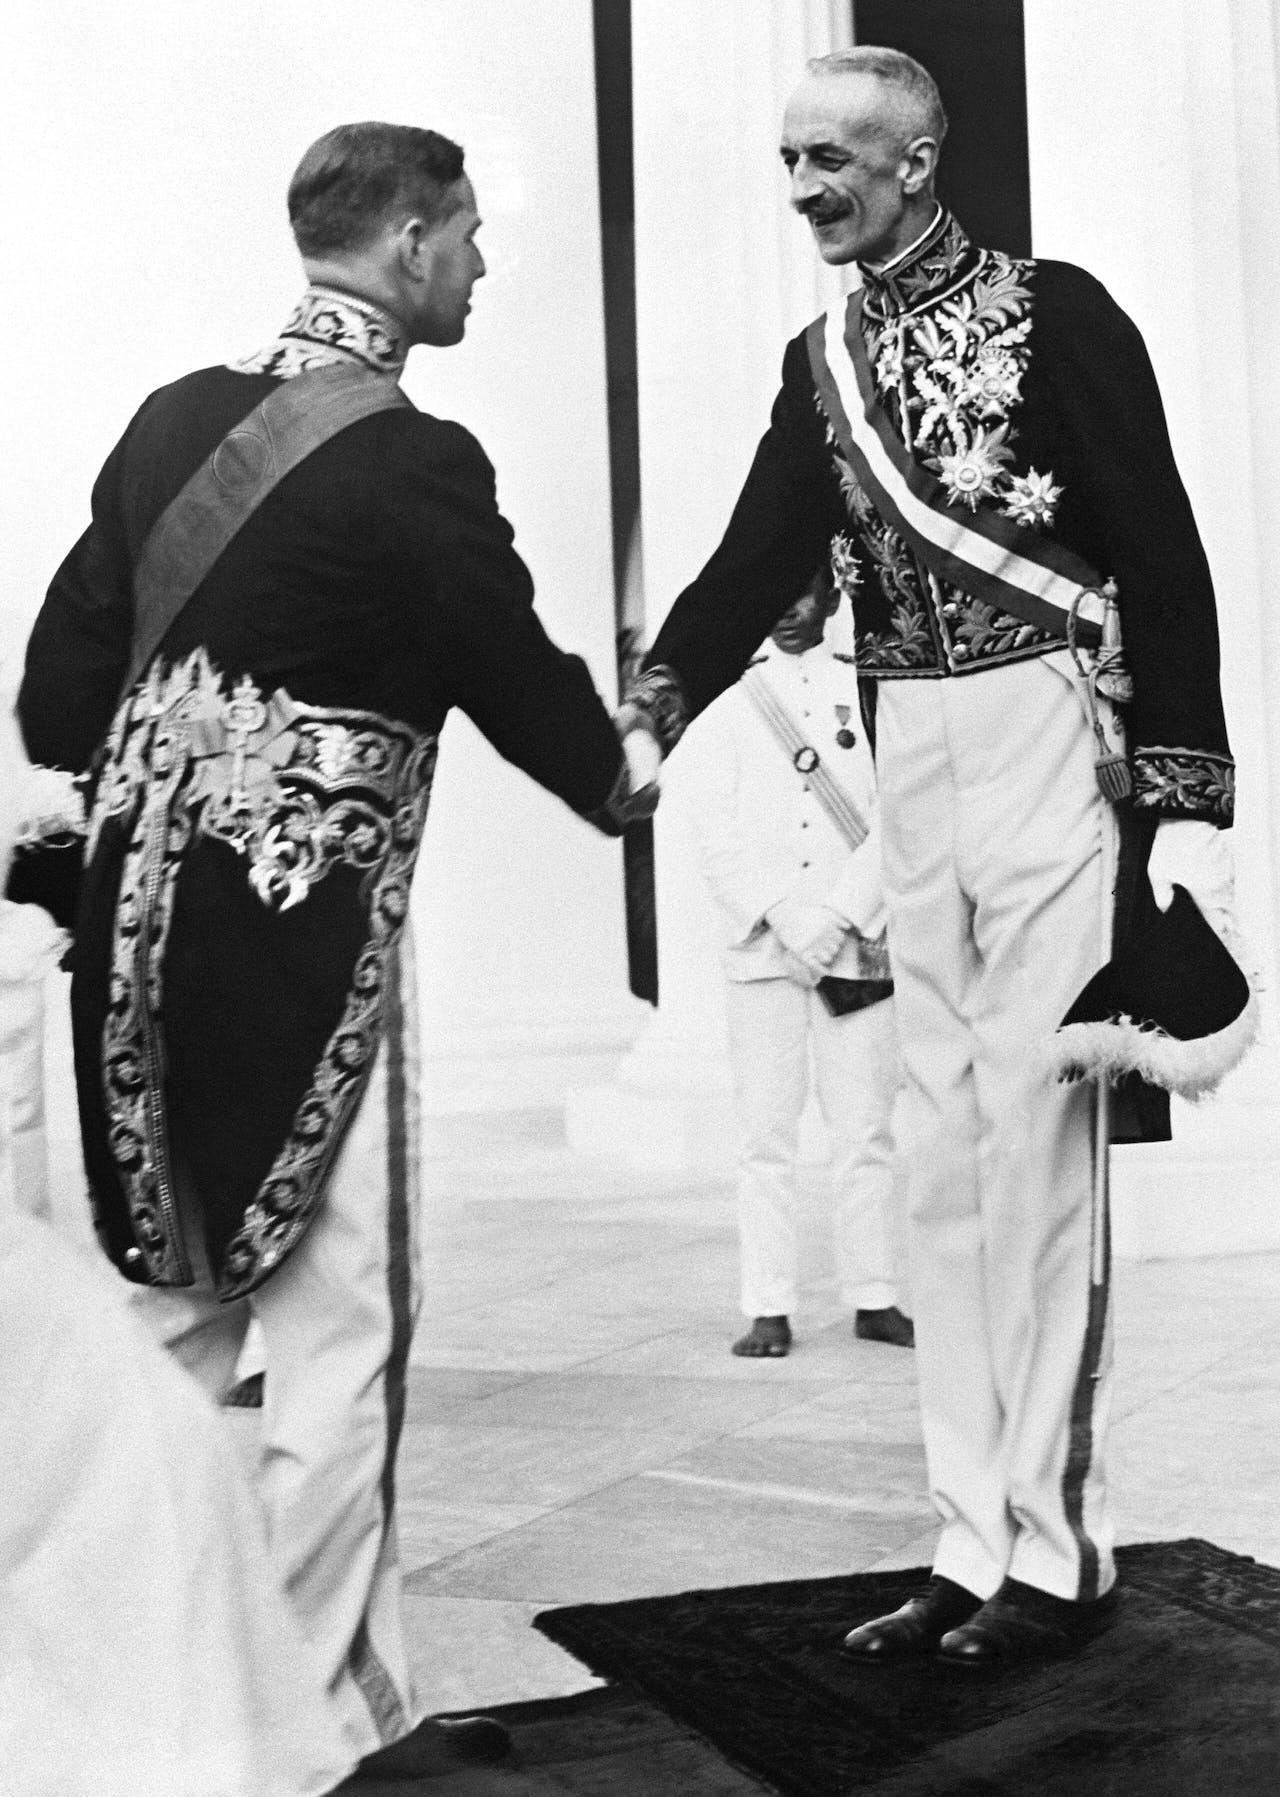 NLD-360925-BATAVIA: Gouverneurjhr. Bonifacius Cornelis de Jonge (r) begroet zijn opvolger gouverneur jhr. A.W.L. Tjarda van Starkenborgh Stachouwer bij het Paleis aan het Koningsplein. Vandaag vindt de bestuursoverdracht van Nederlands Indie plaats. ANPFOTO/REPRO